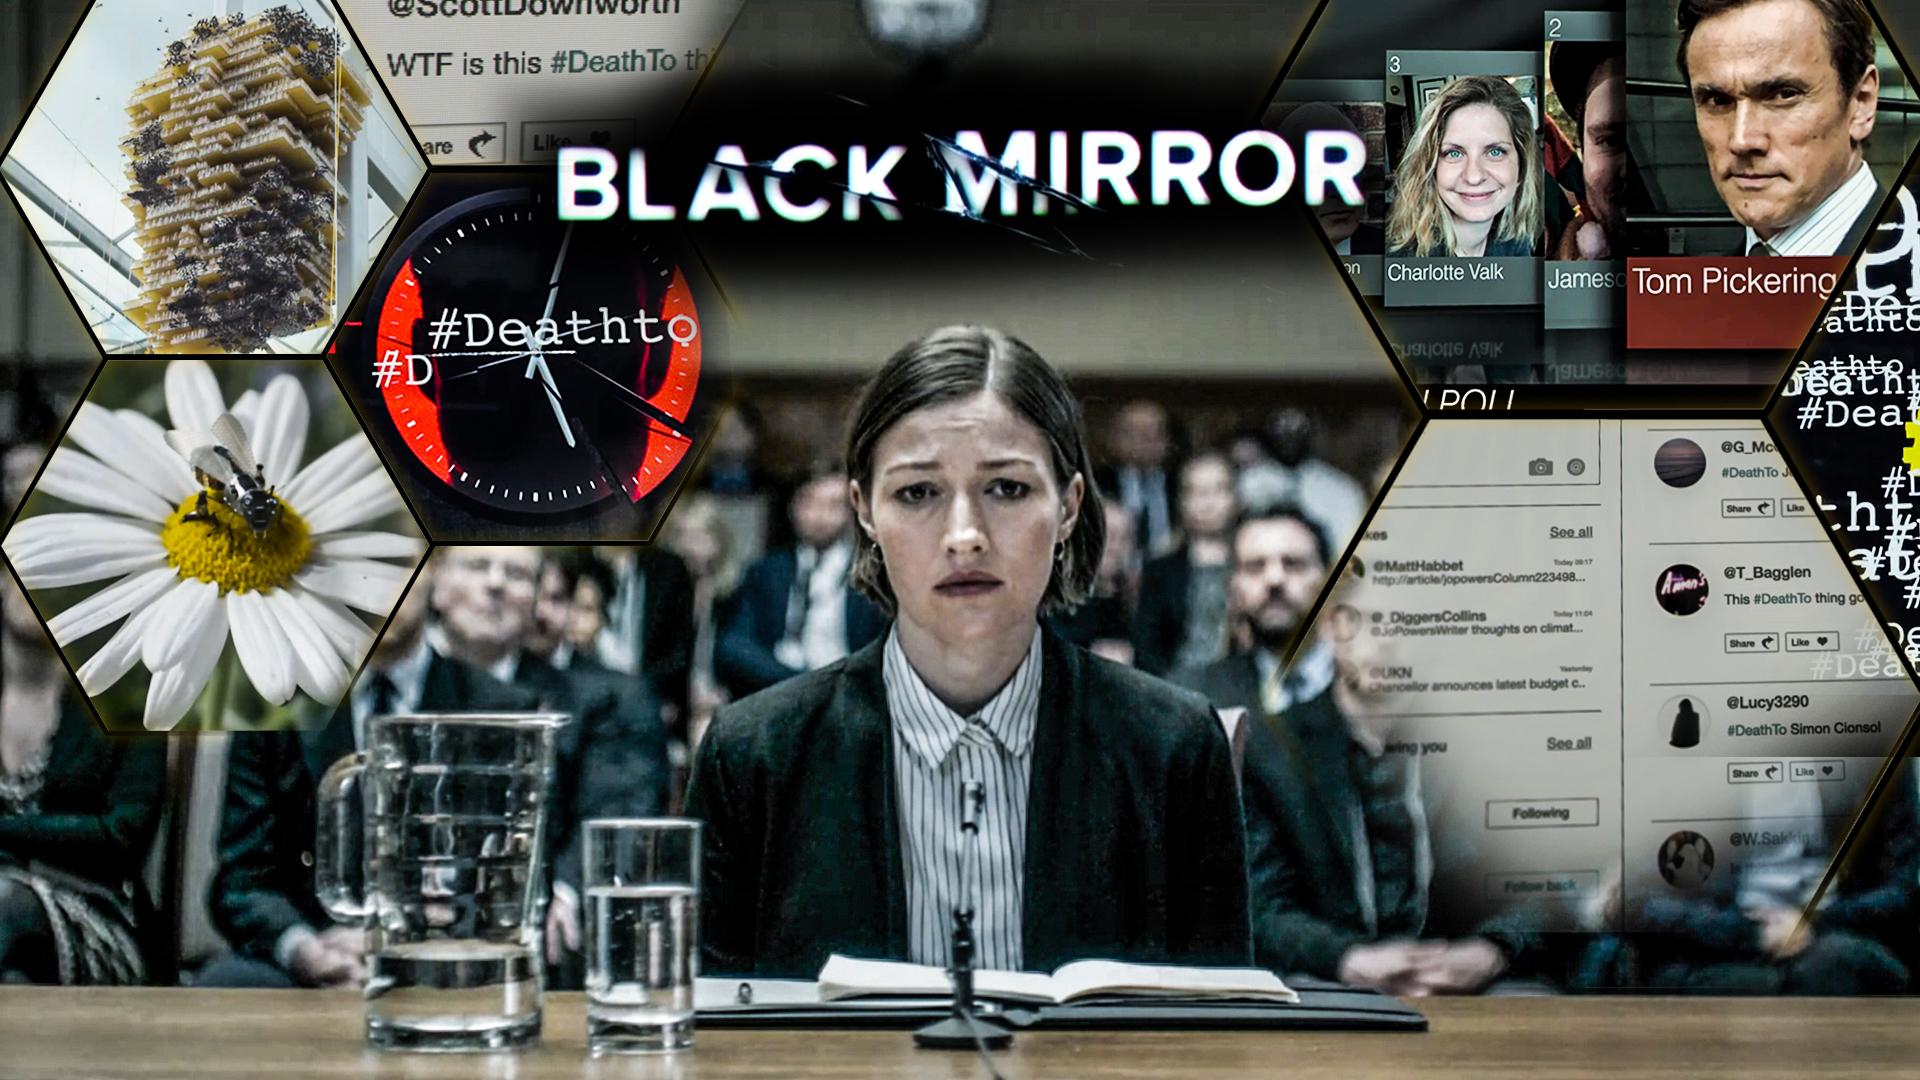 【墨菲】《黑镜·全网公敌》:网络喷子线上杀人,键盘侠的「科技诅咒」